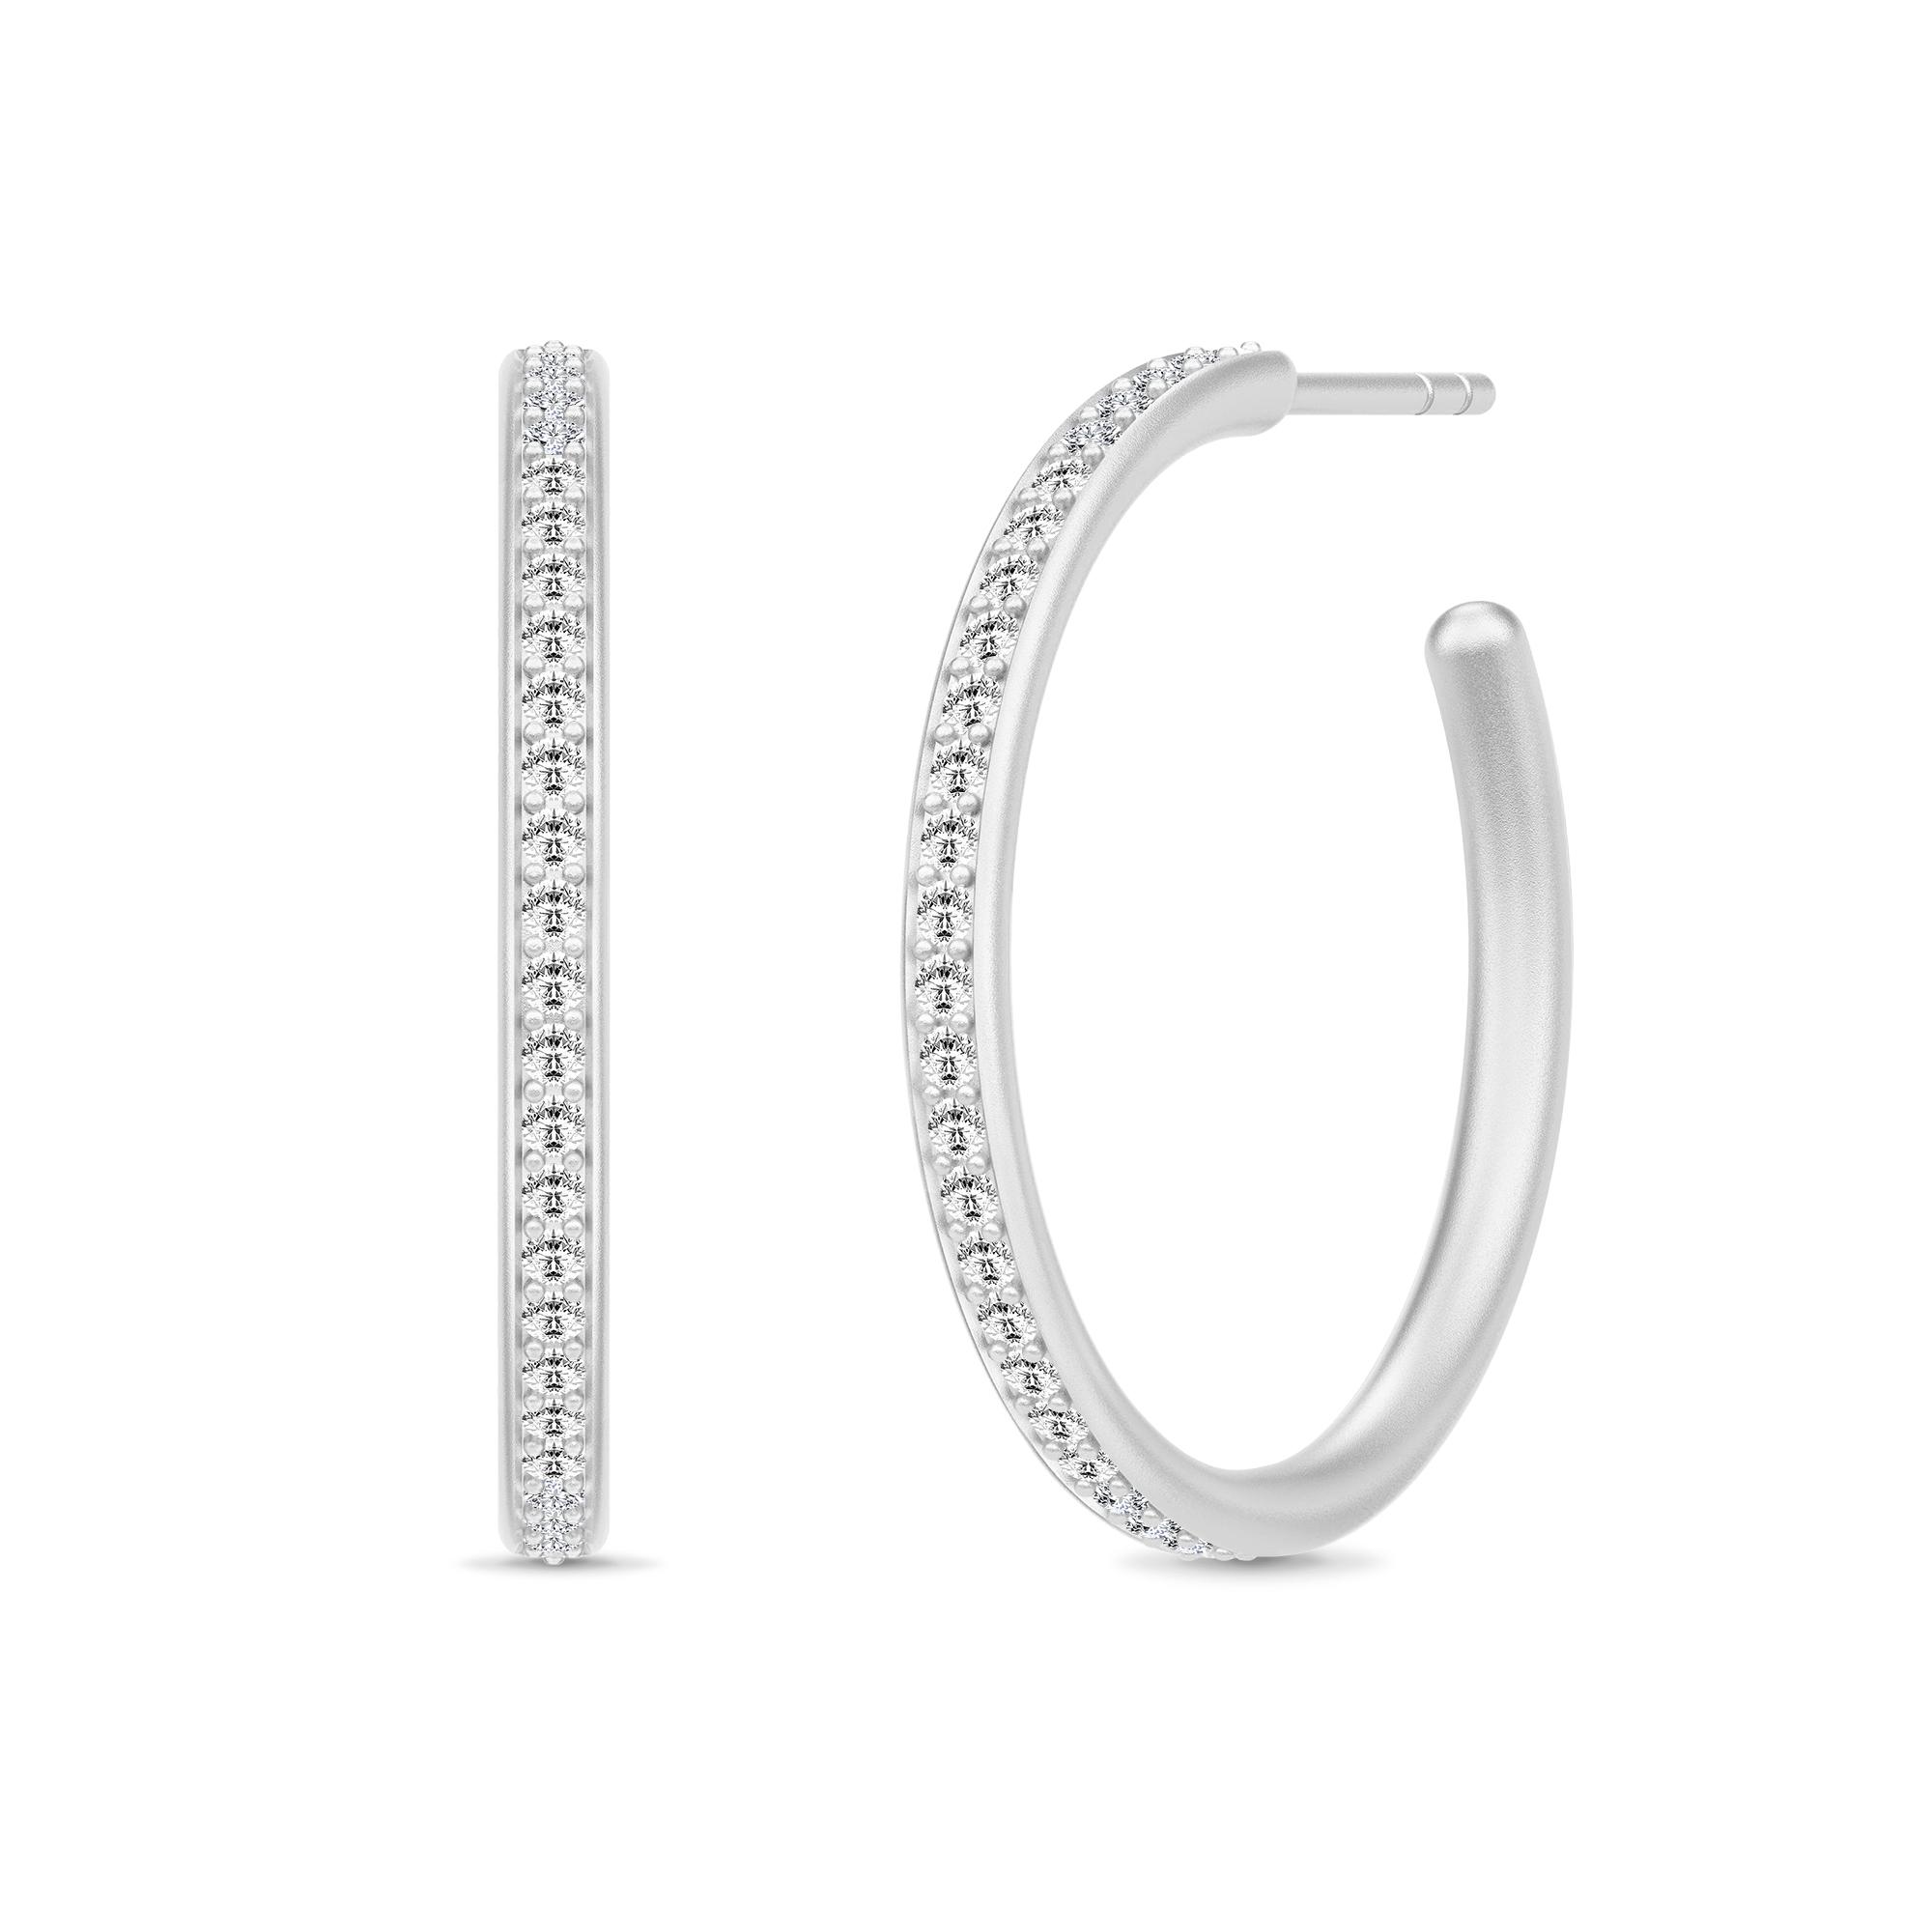 Image of   Julie Sandlau Infinity Hoops øreringe i sølv med cz